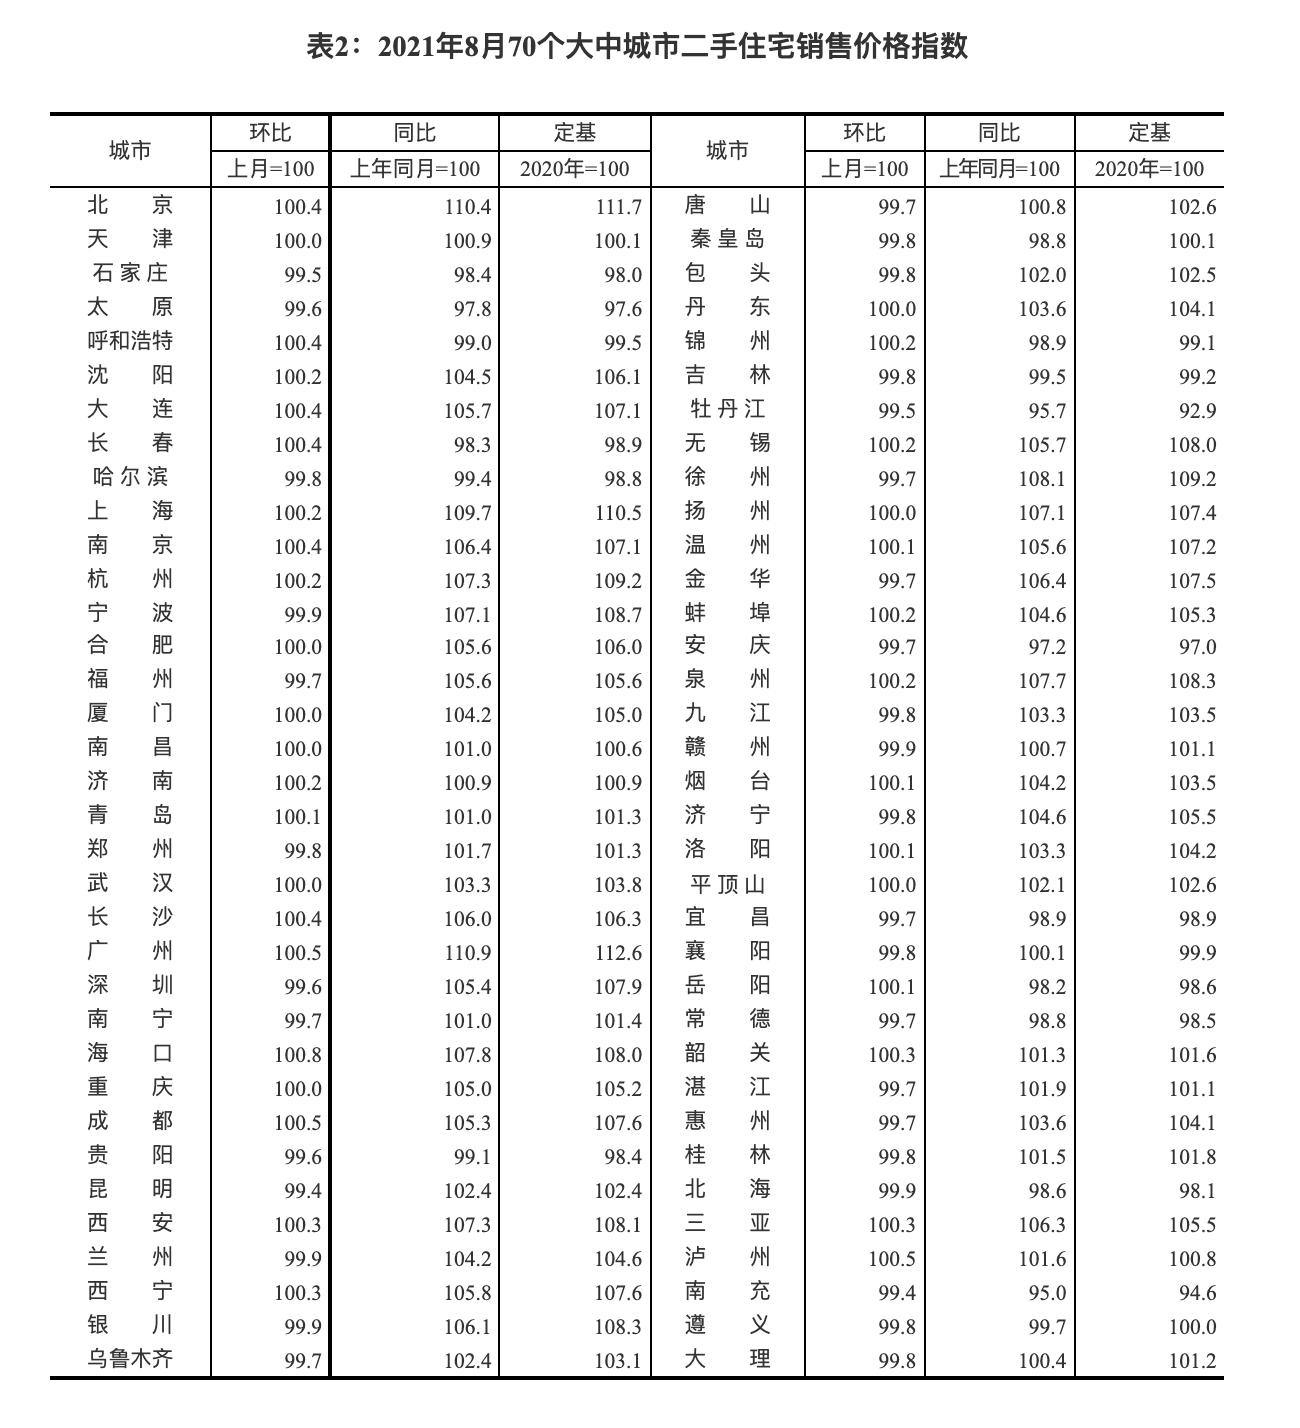 2021年8月70个大中城市二手住宅销售价格指数